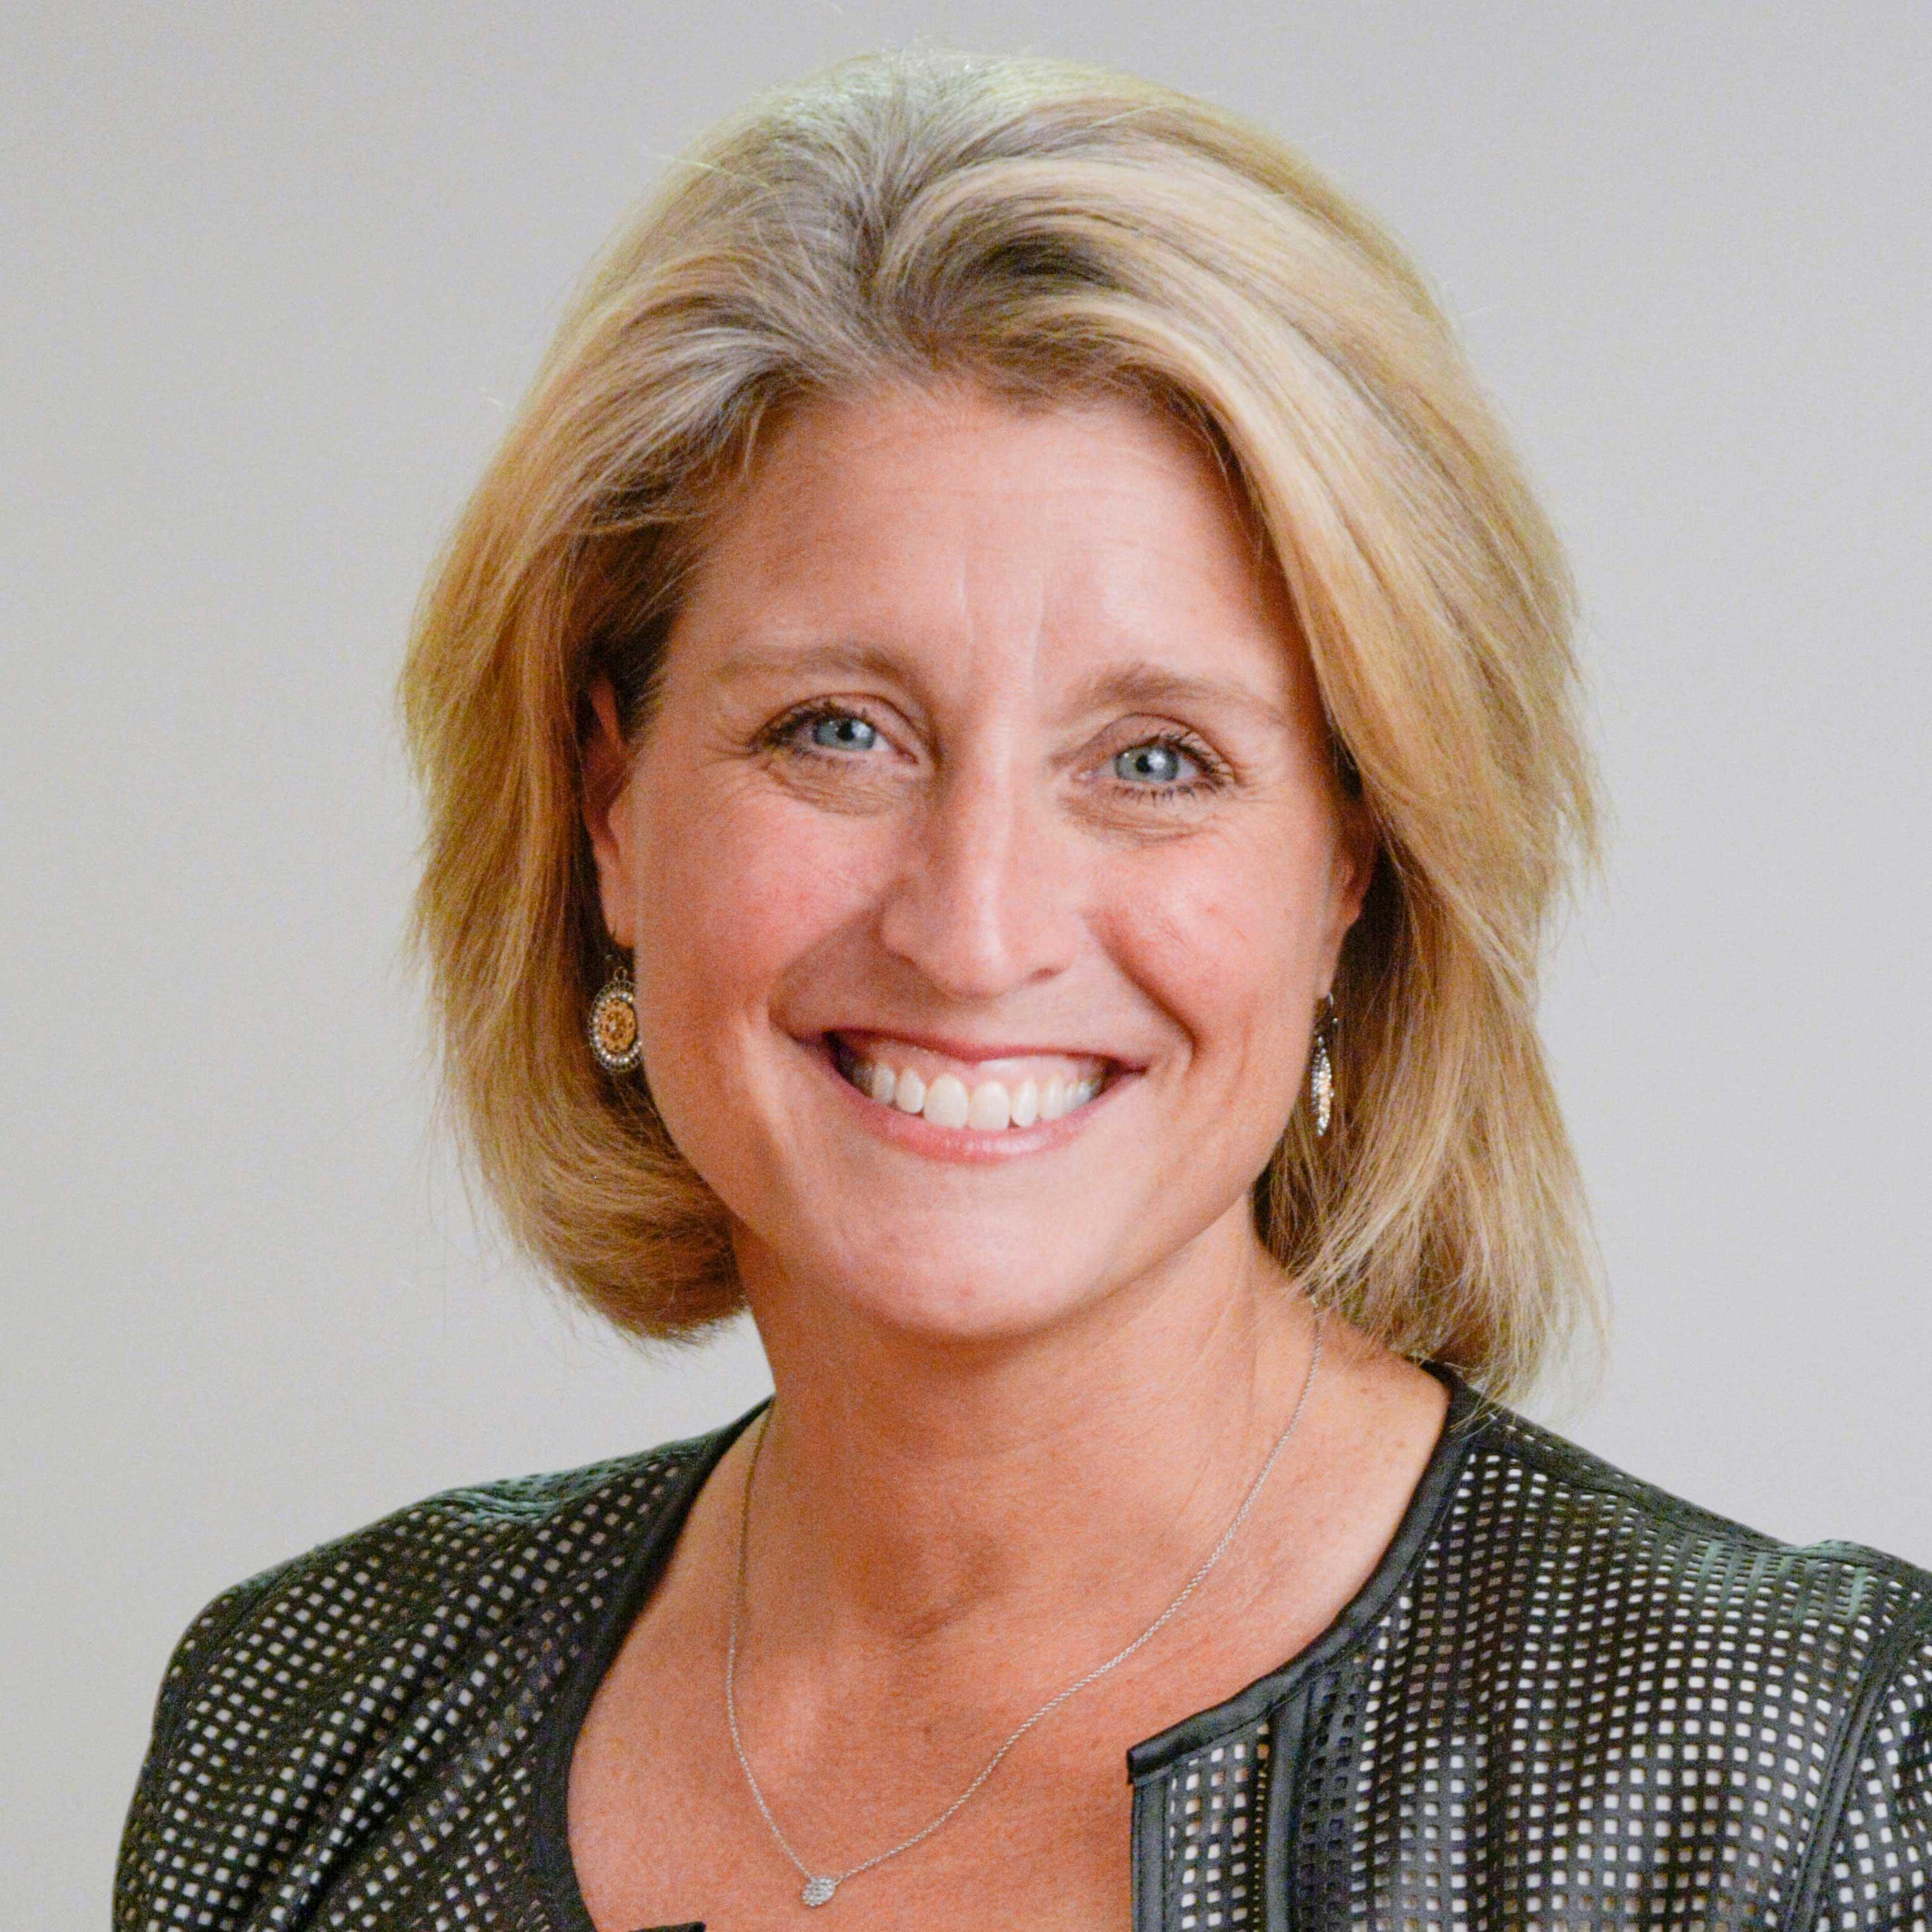 Lisa Bodell Headshot